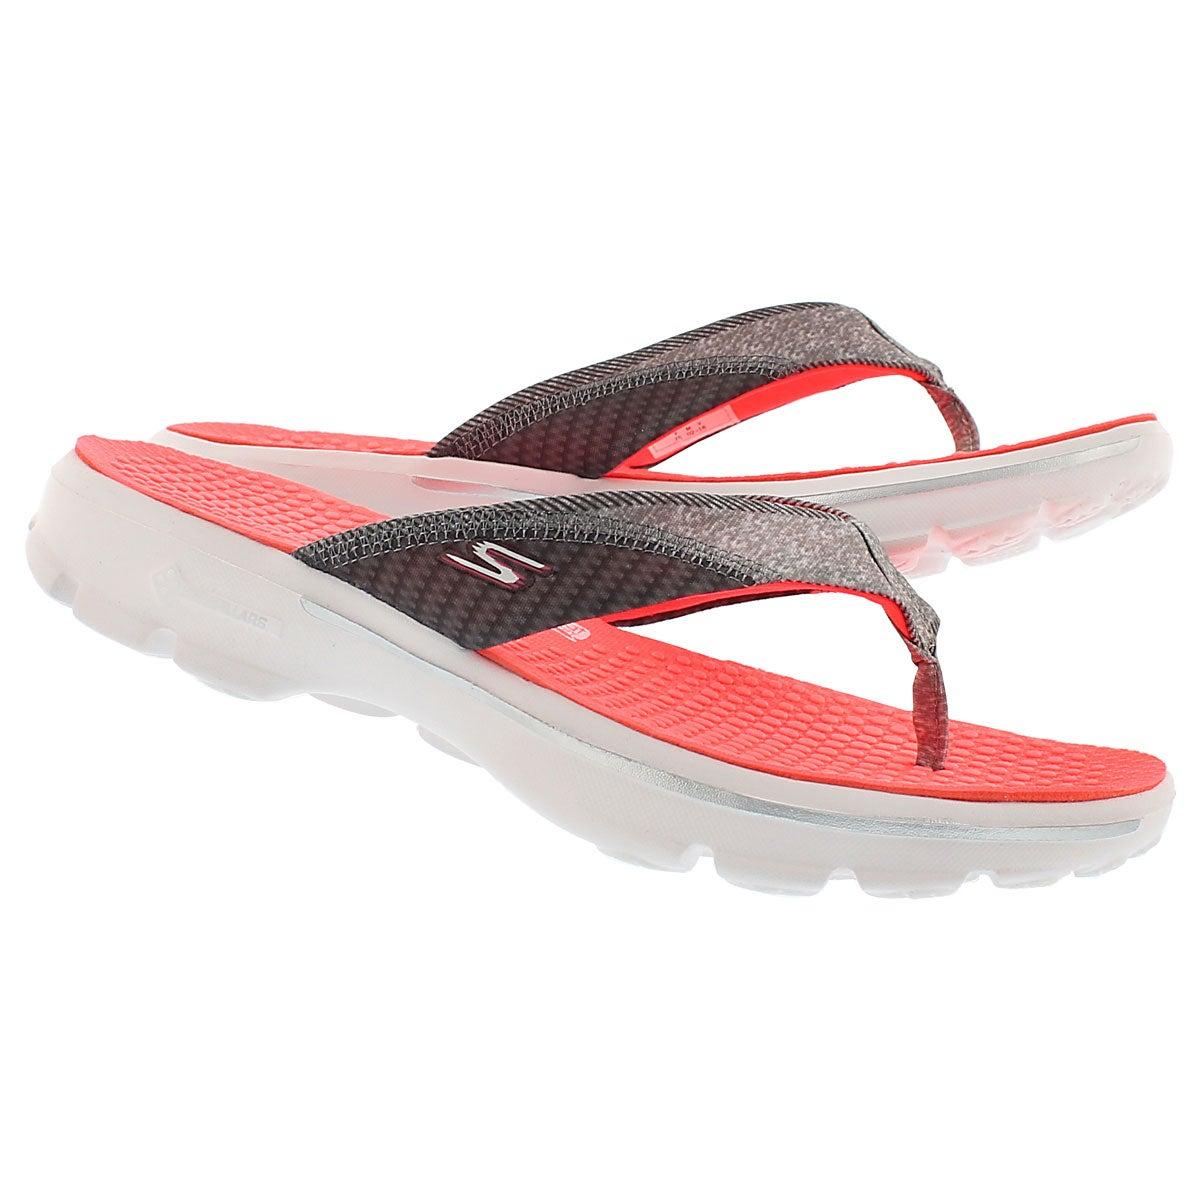 Lds Pizazz hot pink thong sandal